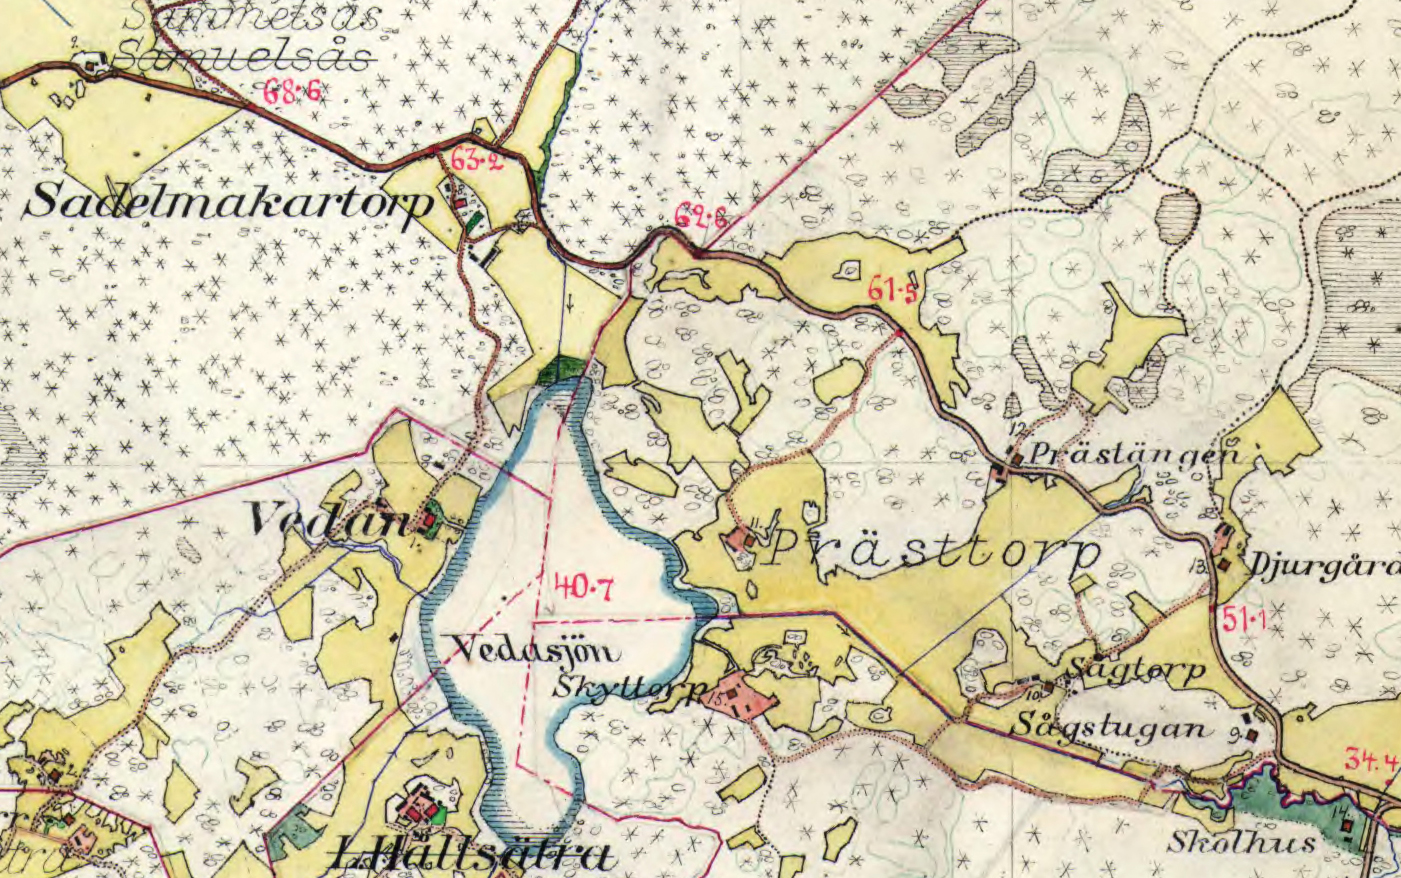 Prästäng karta